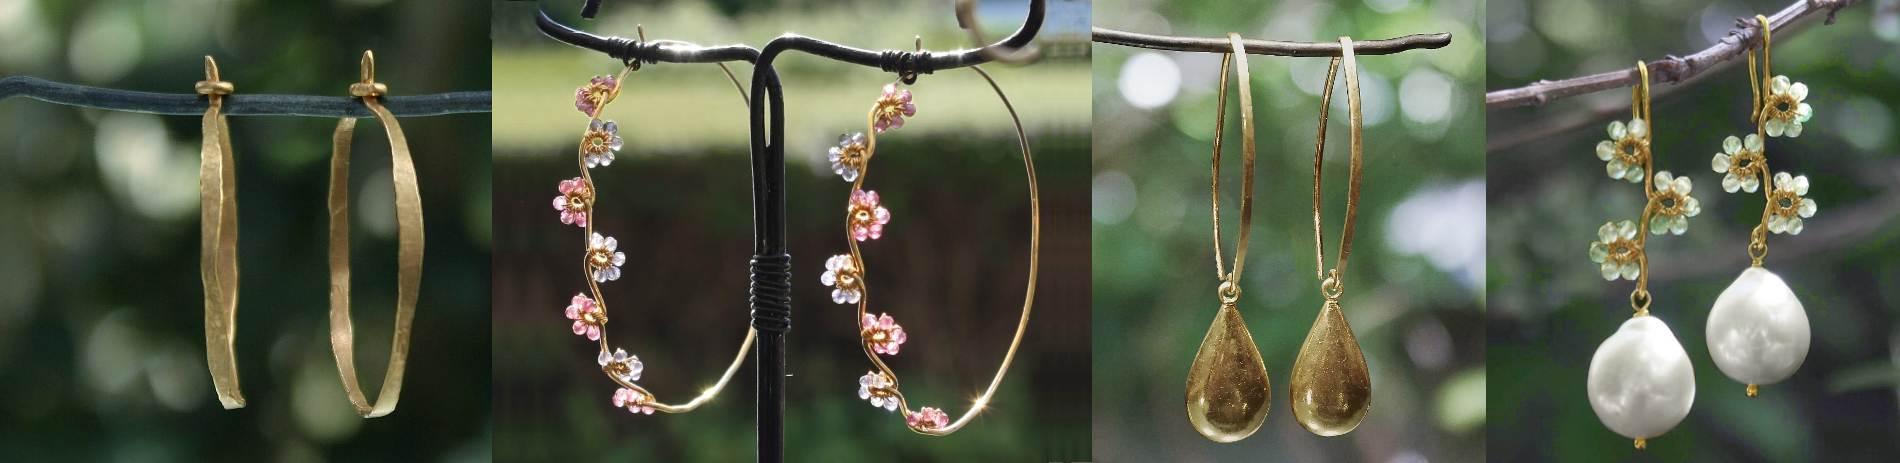 forskellige øreringe i natur